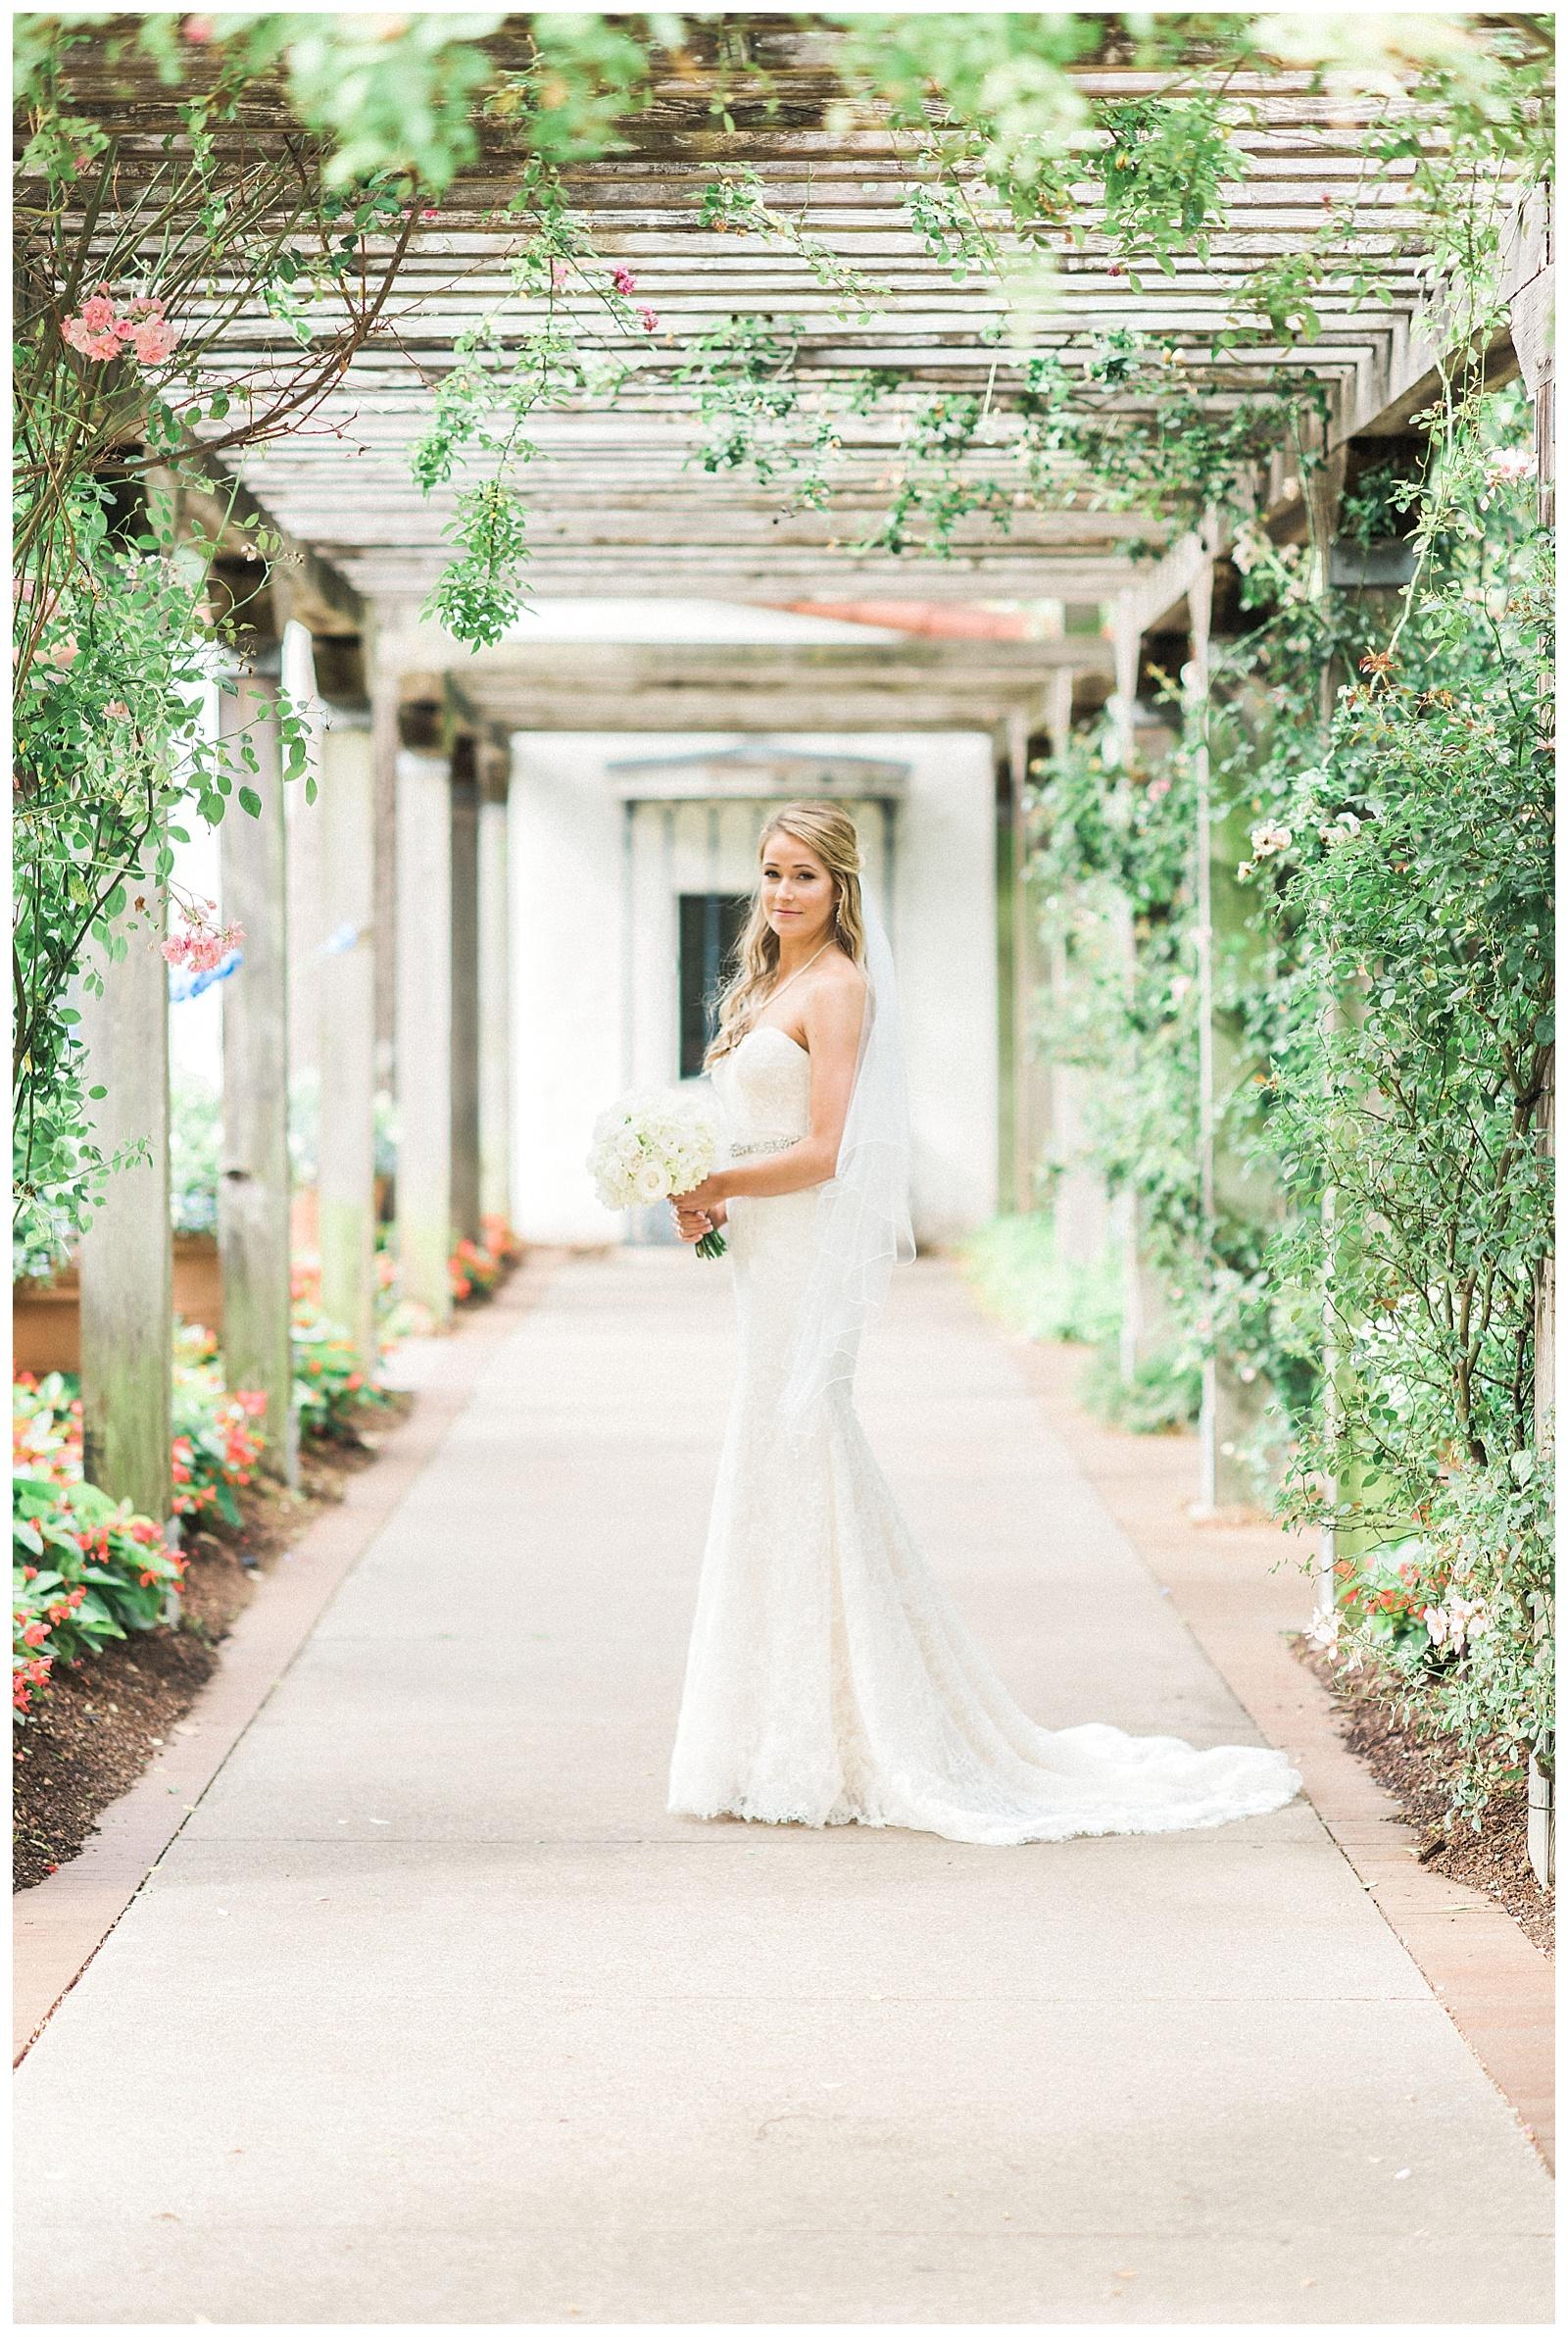 Chelsea  Bridal Portraits at Dallas Arboretum  Alba Rose